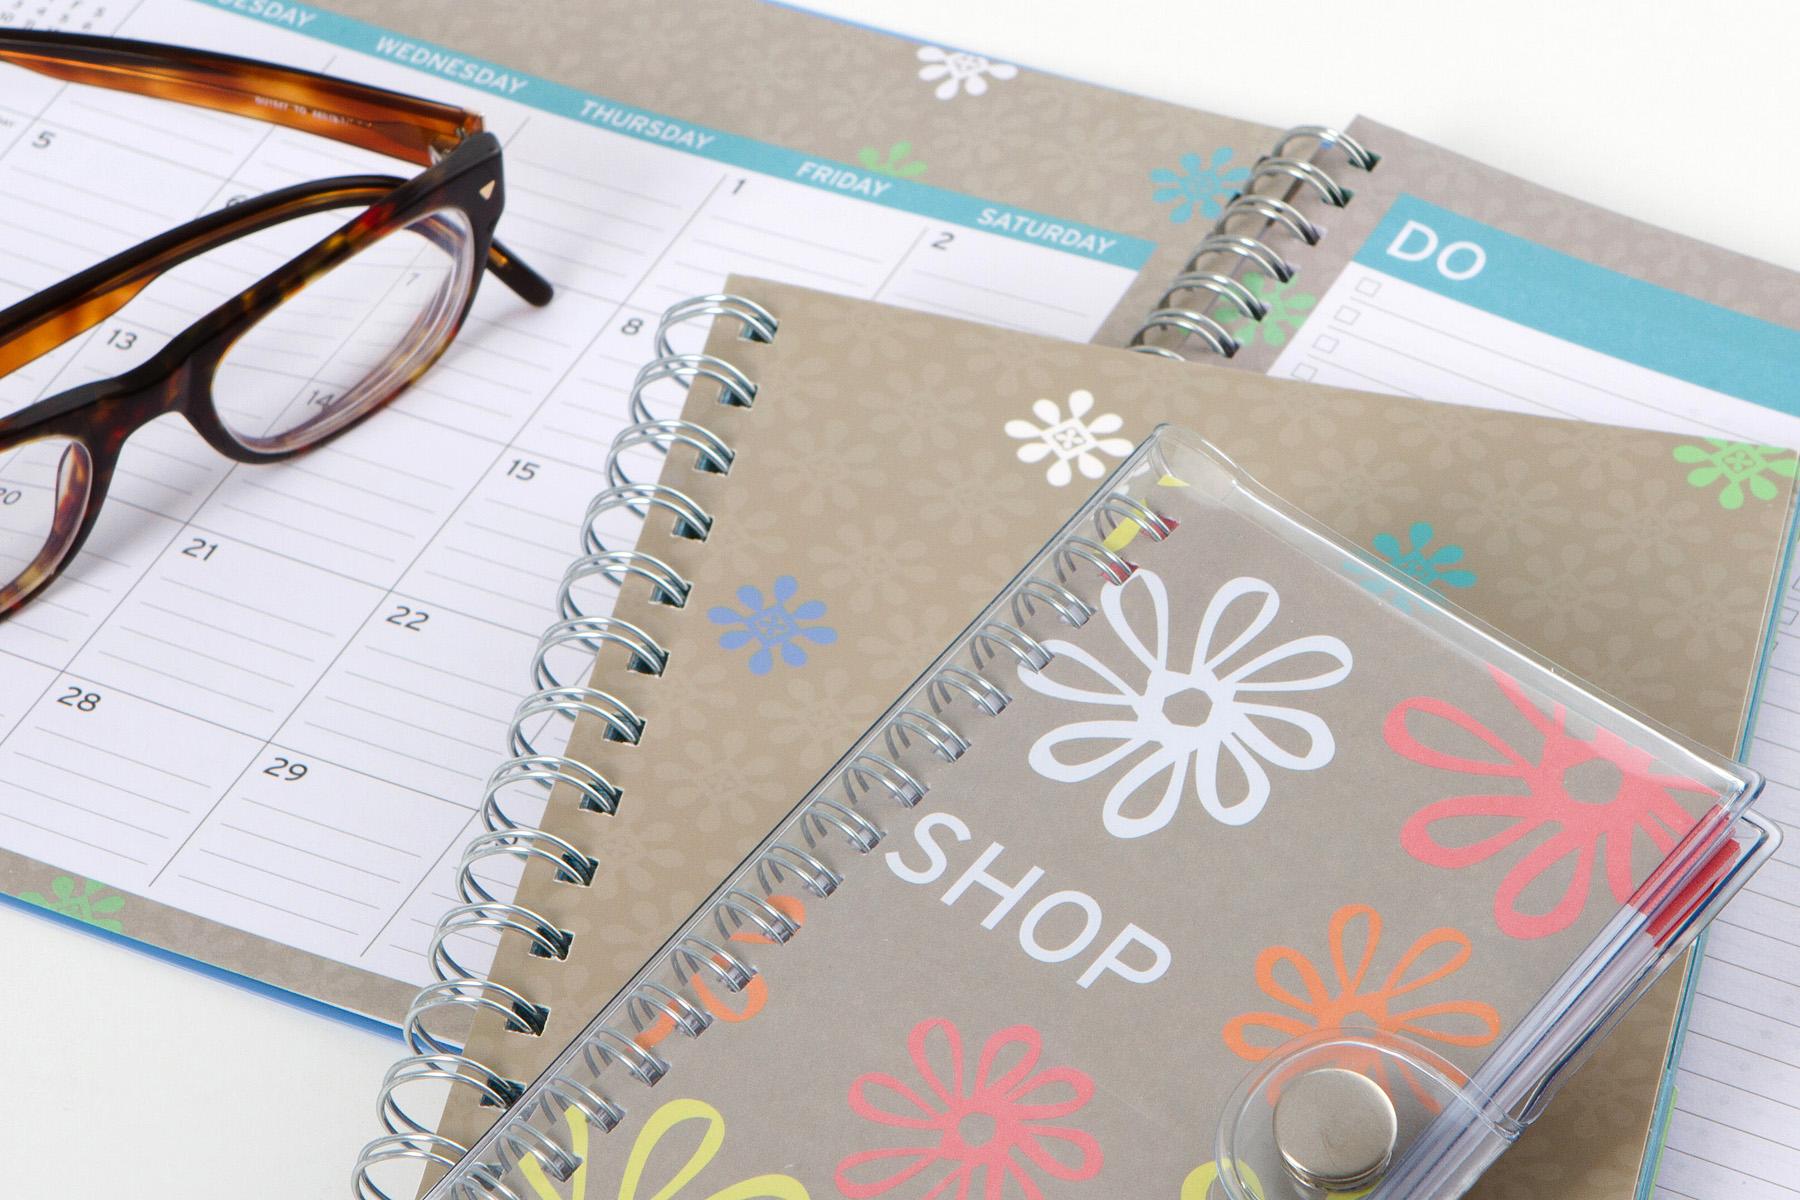 Blue Sky Shopping Agenda